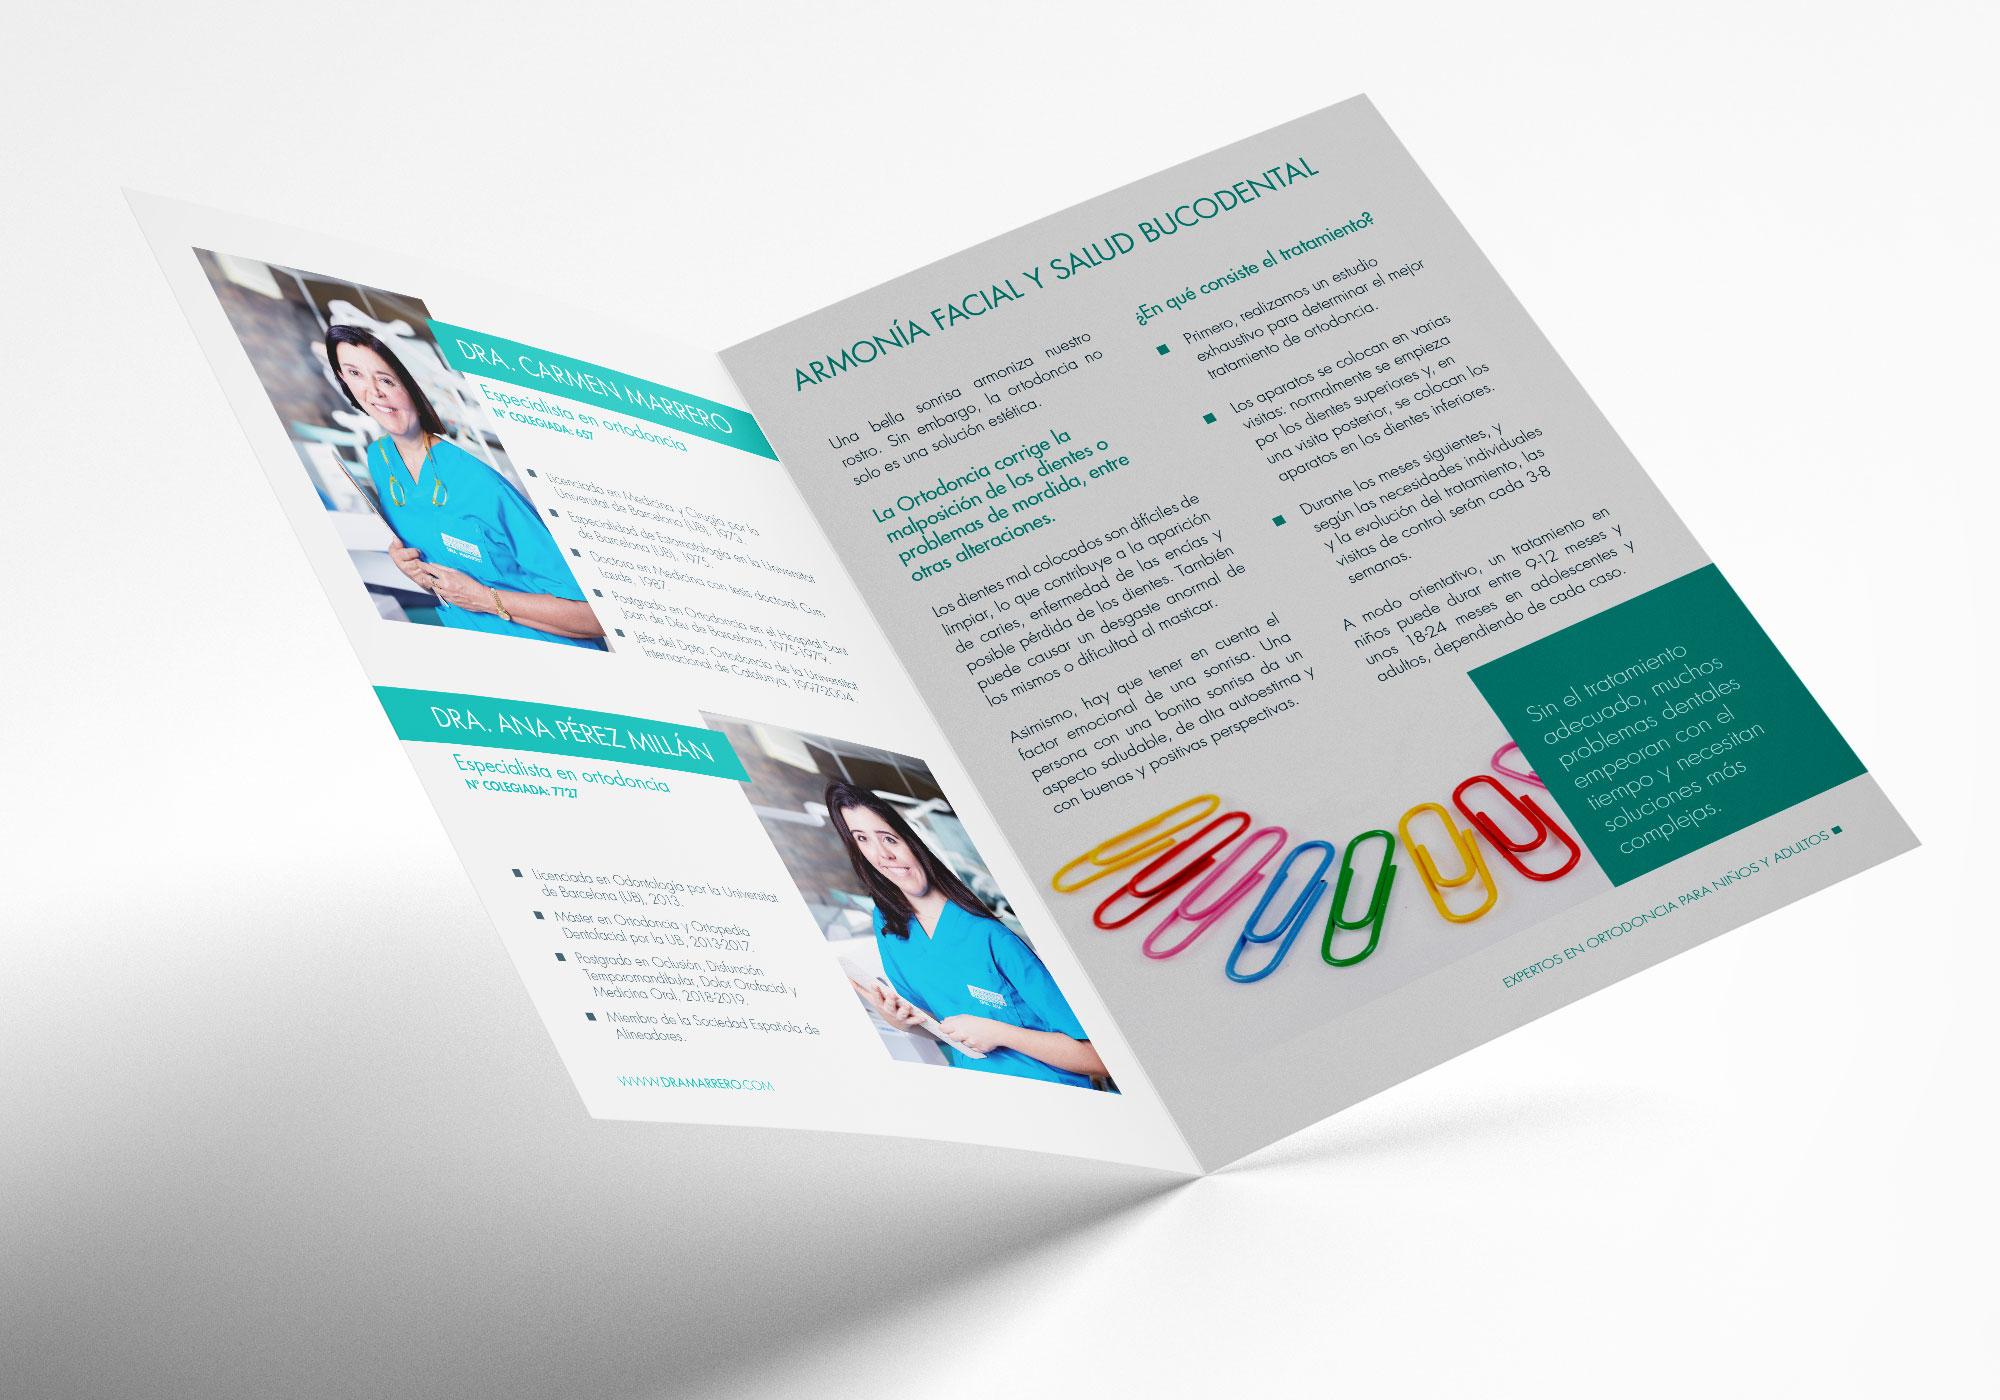 Folletos Marrero3 - Diseño web Clínica Marrero